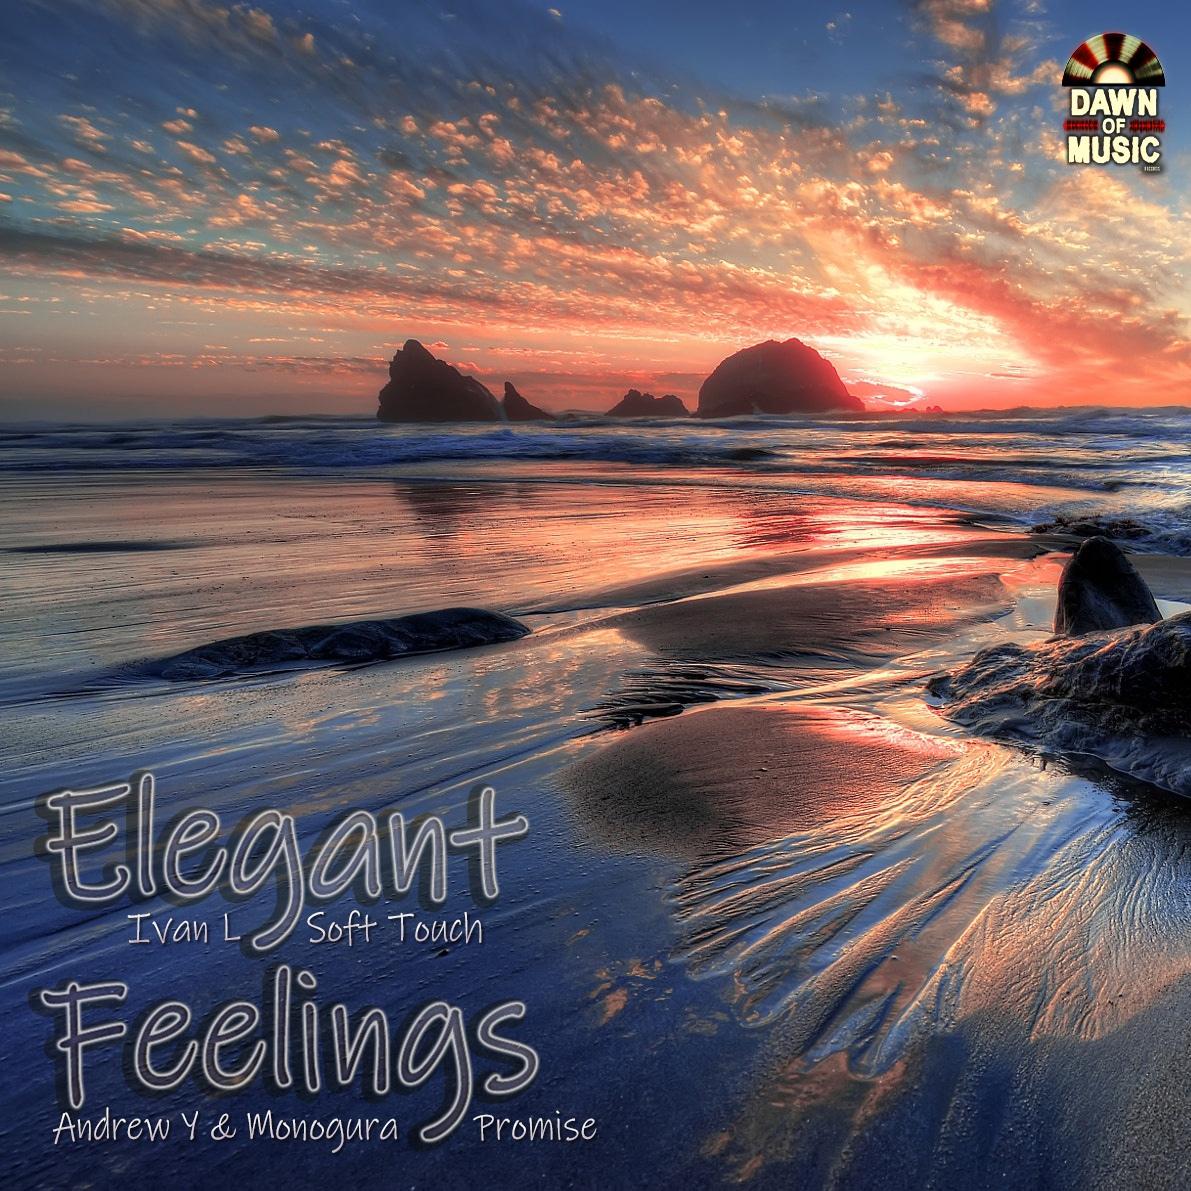 Elegant Feelings